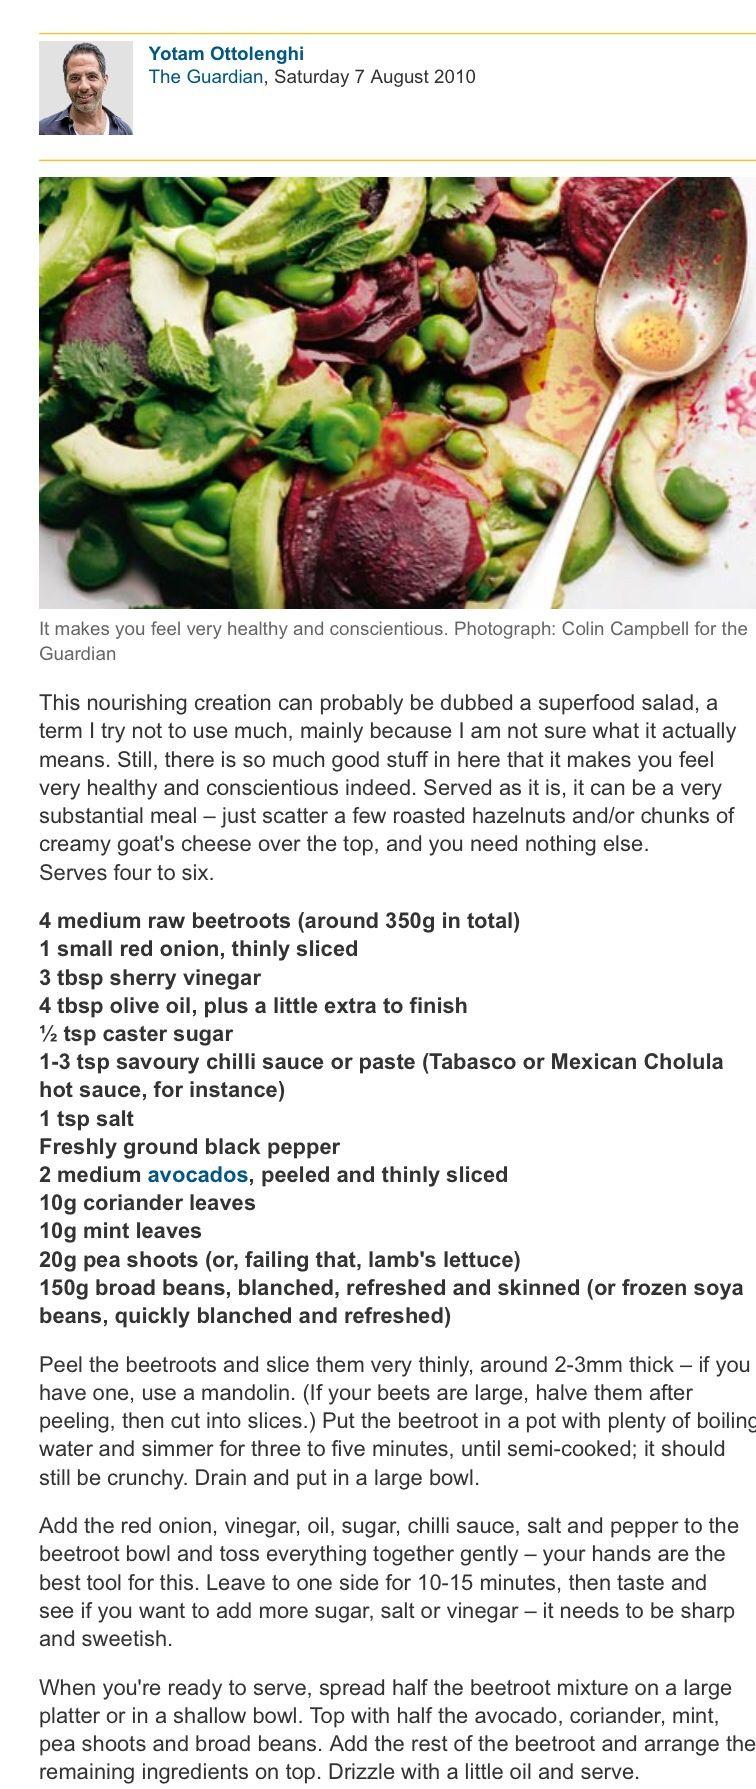 Bean and beet root salad